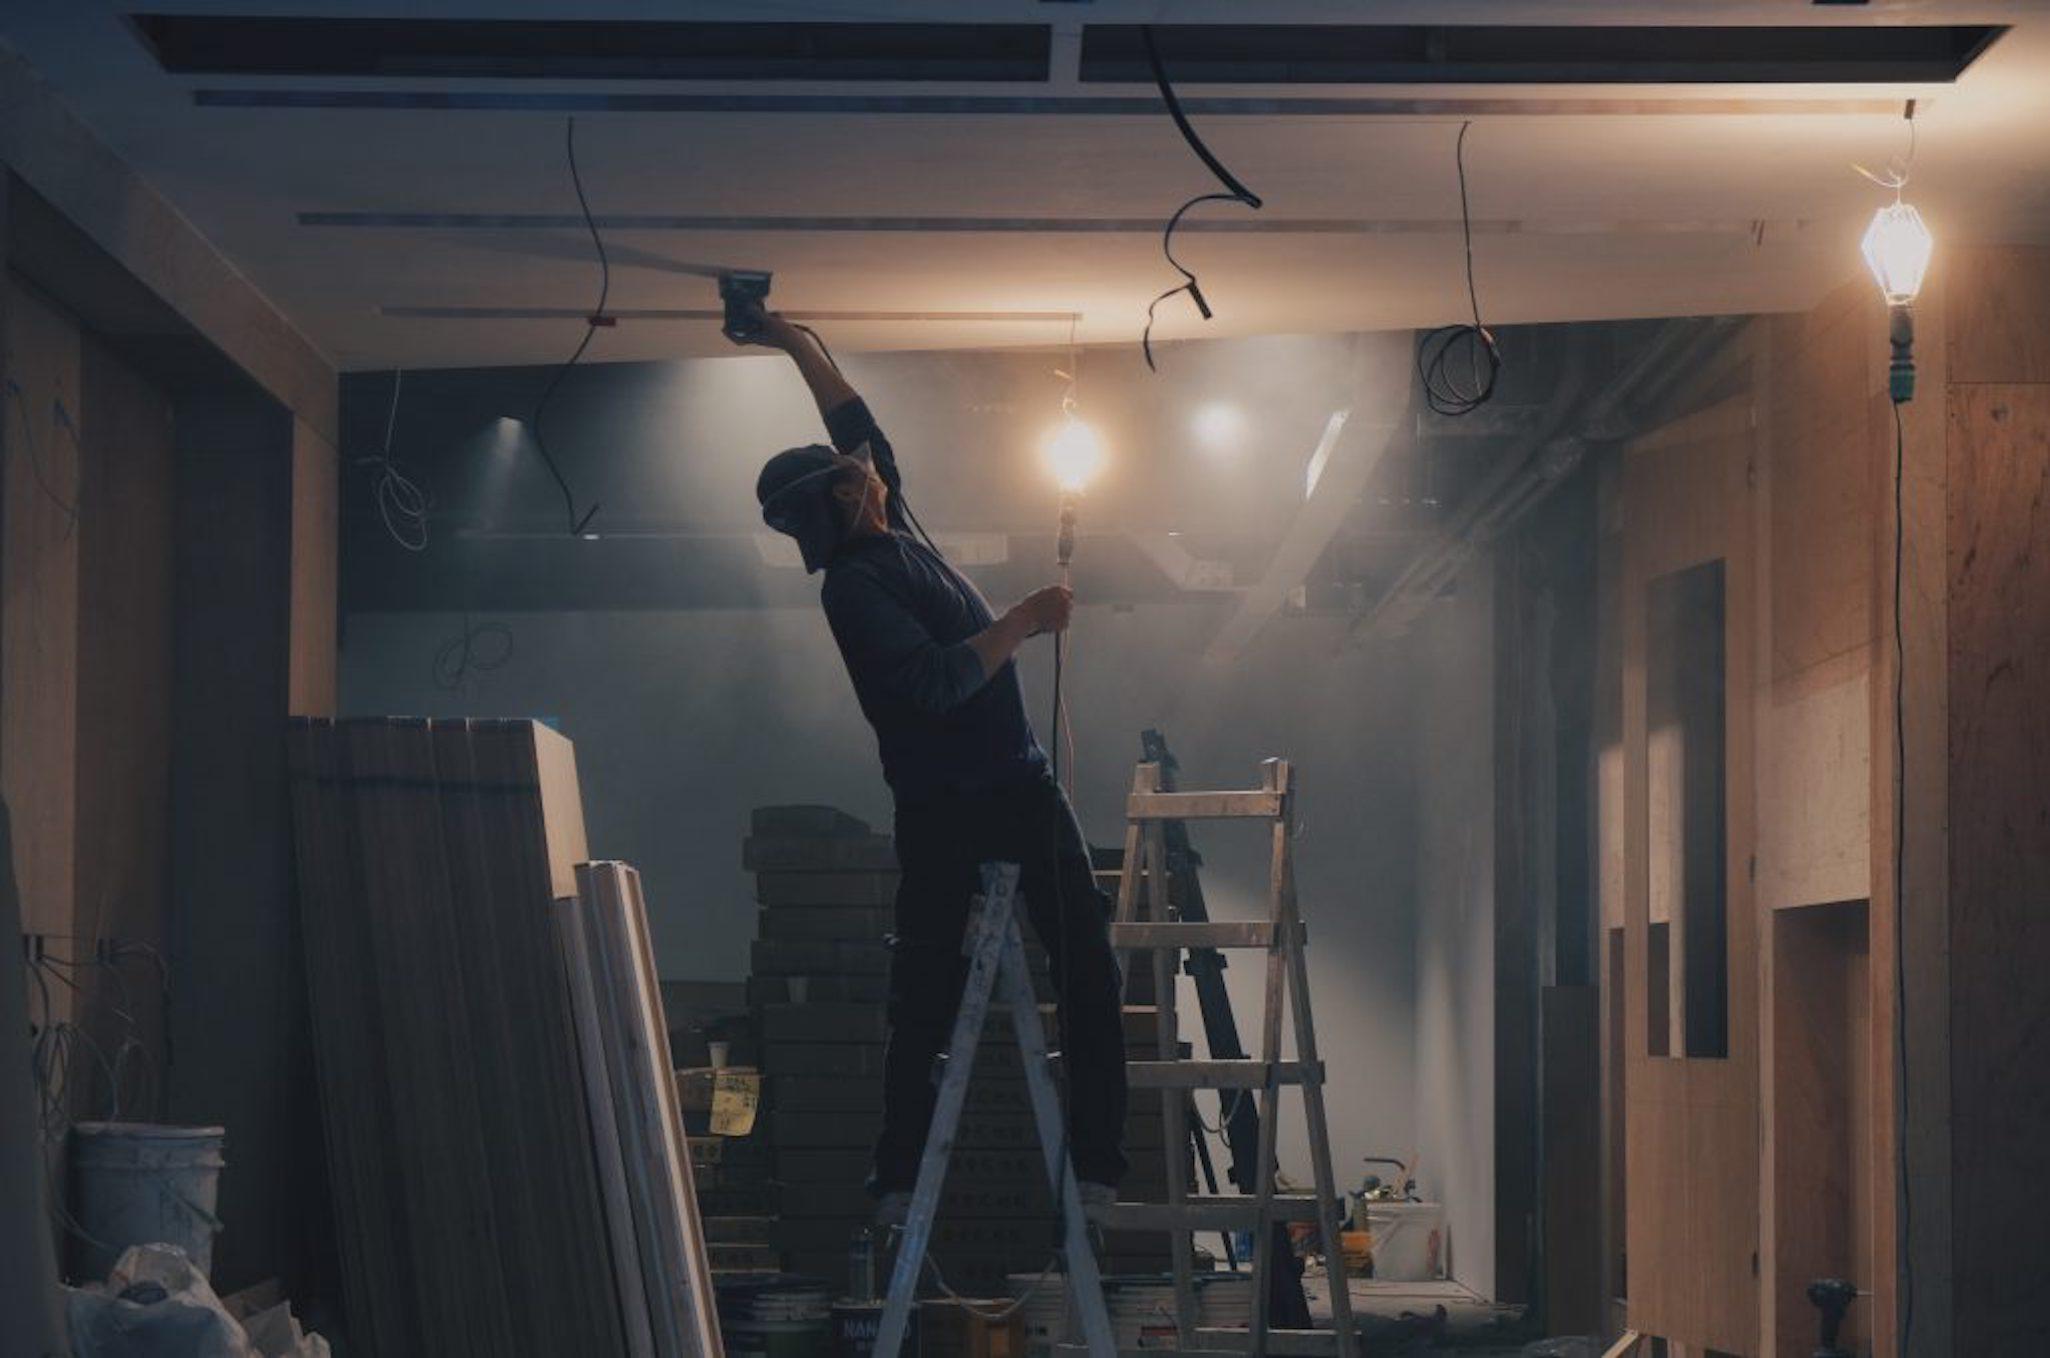 Contractor Working In Dark Room